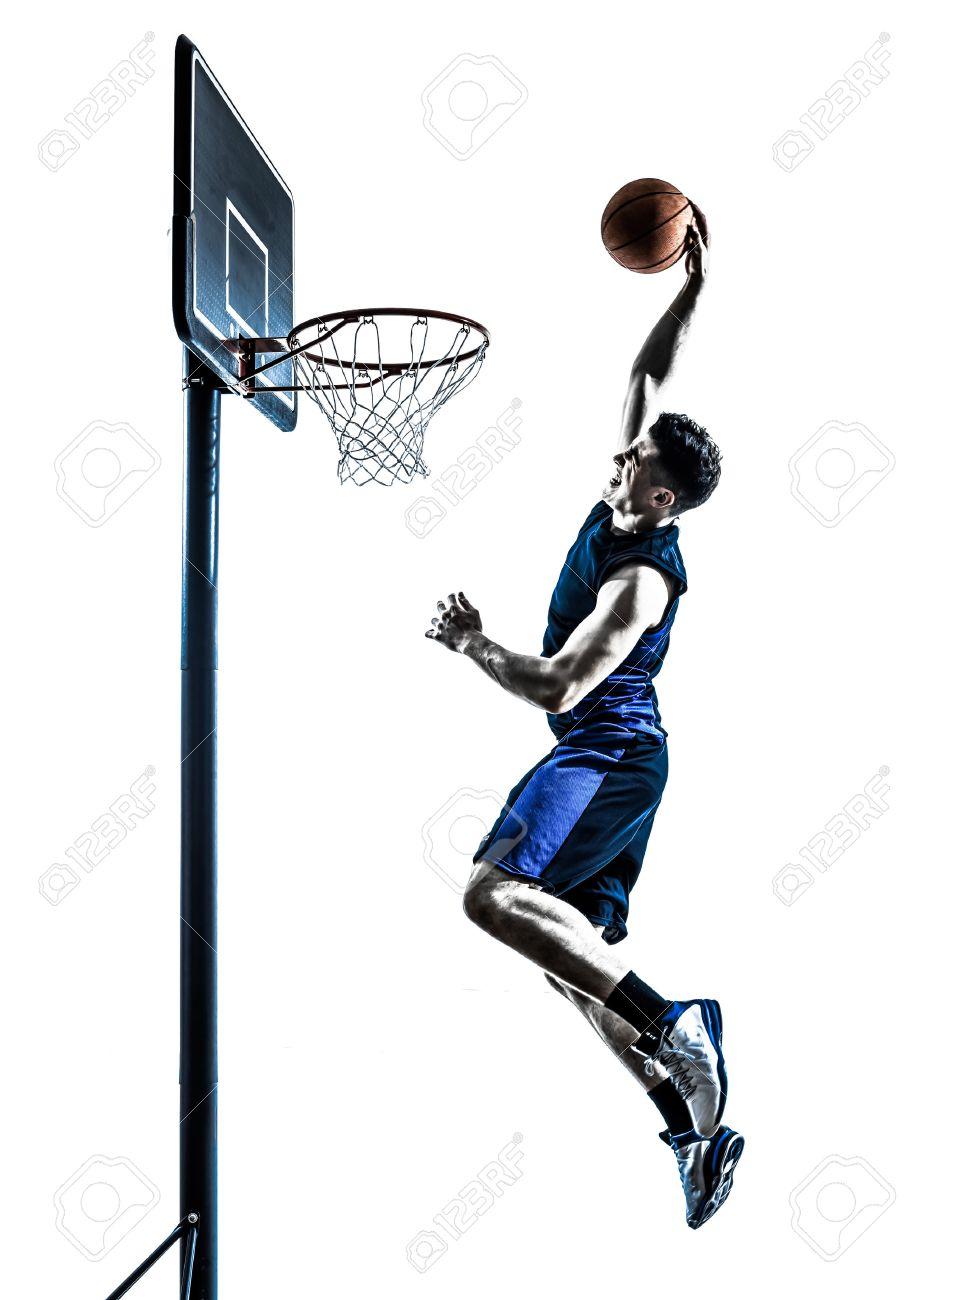 Großzügig Basketball Lebenslauf Vorlage Für Spieler Bilder - Entry ...